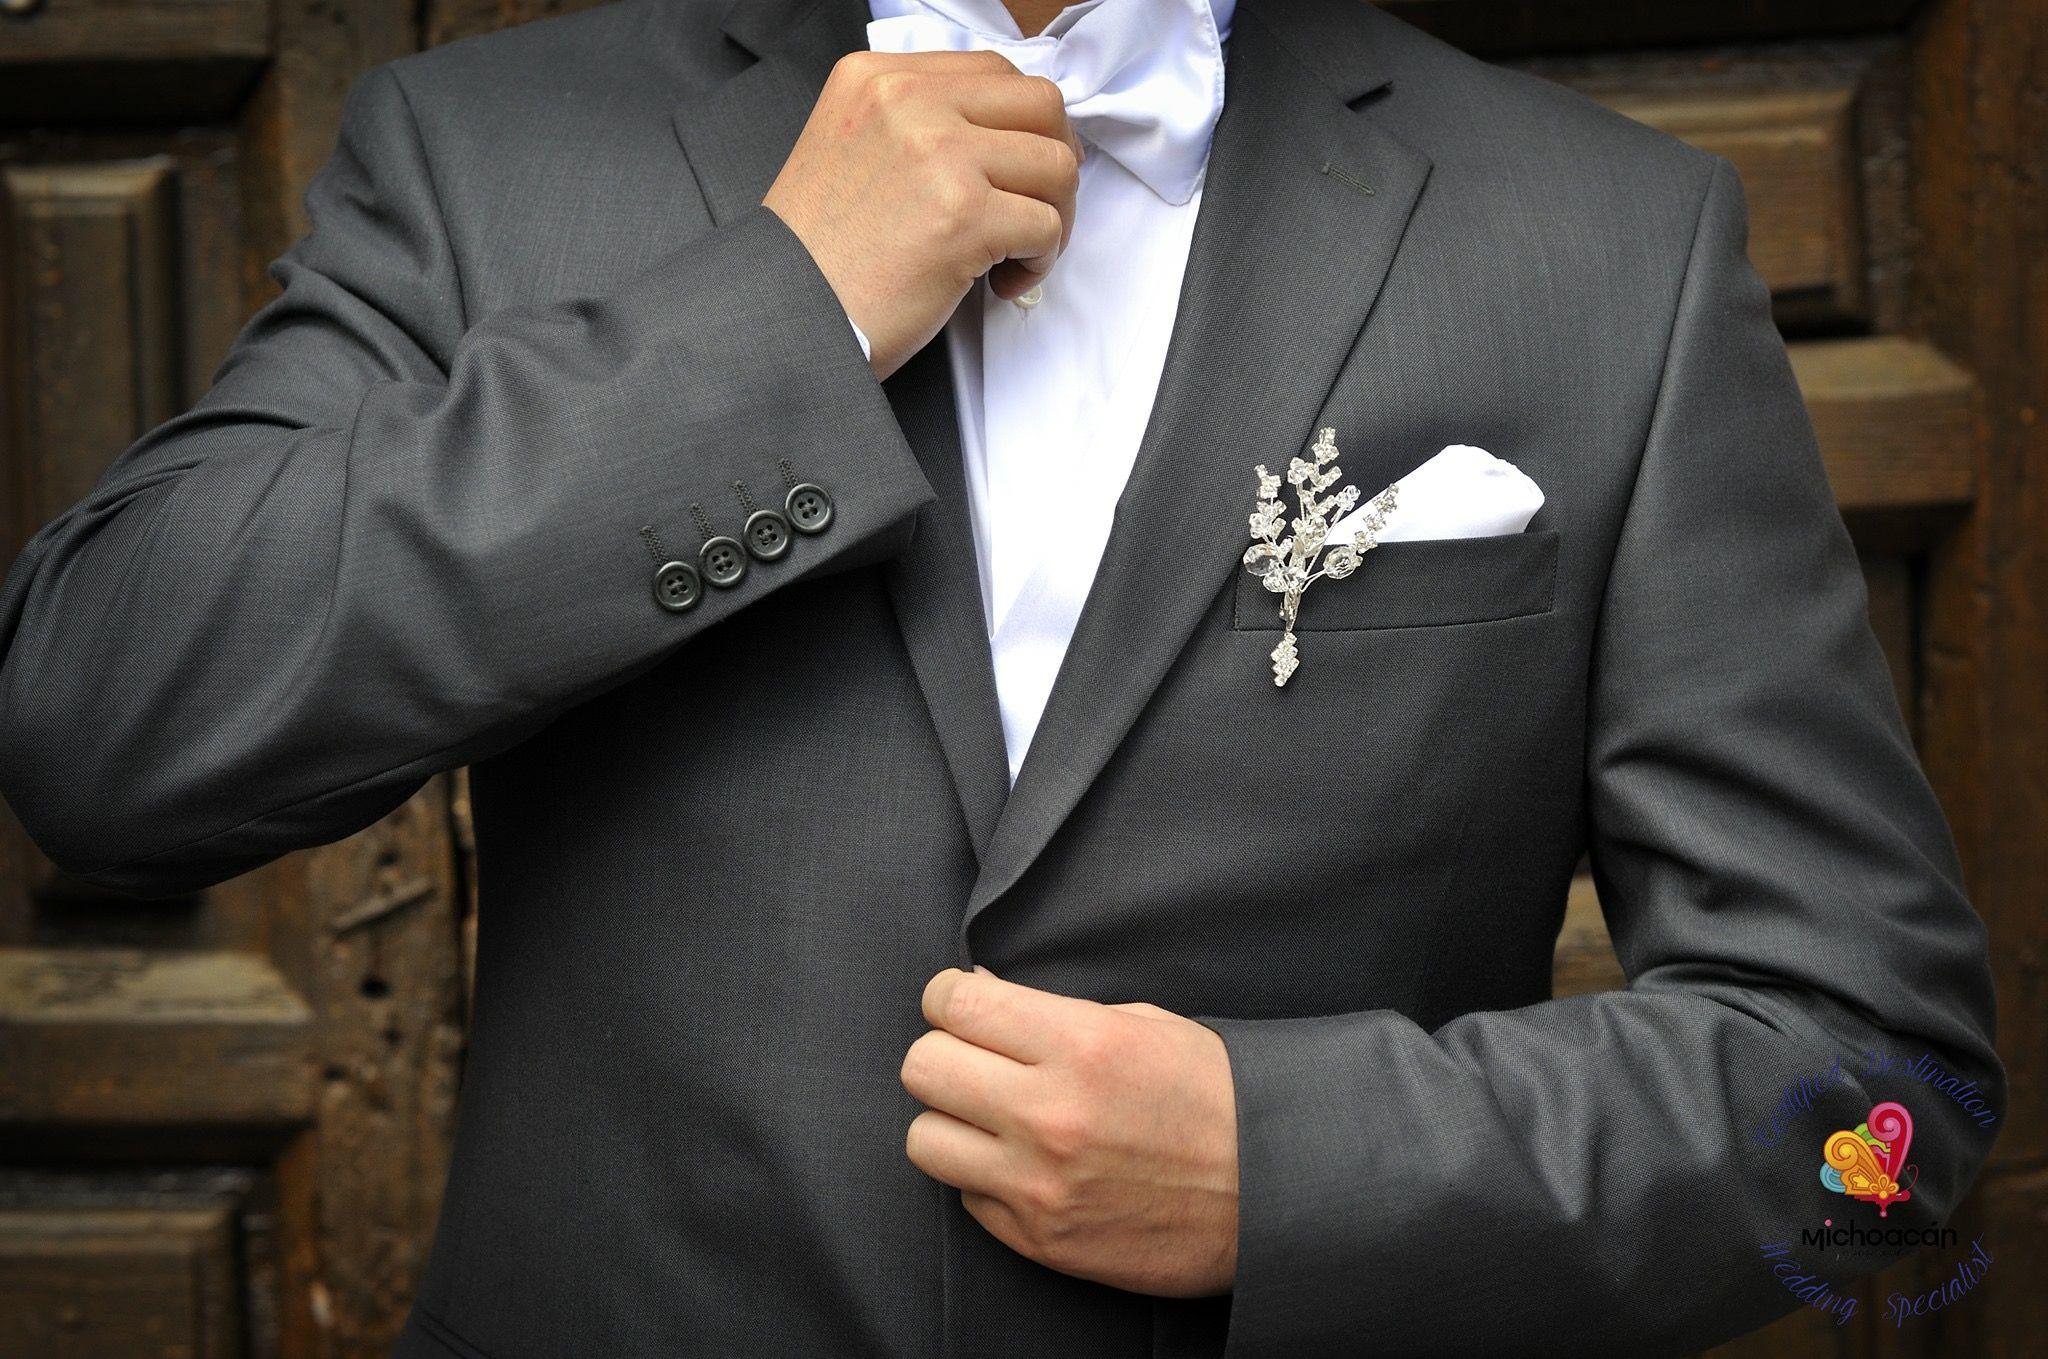 Michoacán puede ser el destino de tu boda, Villa Montaña será el lugar ideal para hacer que la noche de tu vida sea perfecta. Certified Destination Wedding Specialist, déjalo en nuestras manos profesionales.  📷 Davaloss Video & Fotografia  #HotelVillaMontaña #WeddingPlanner